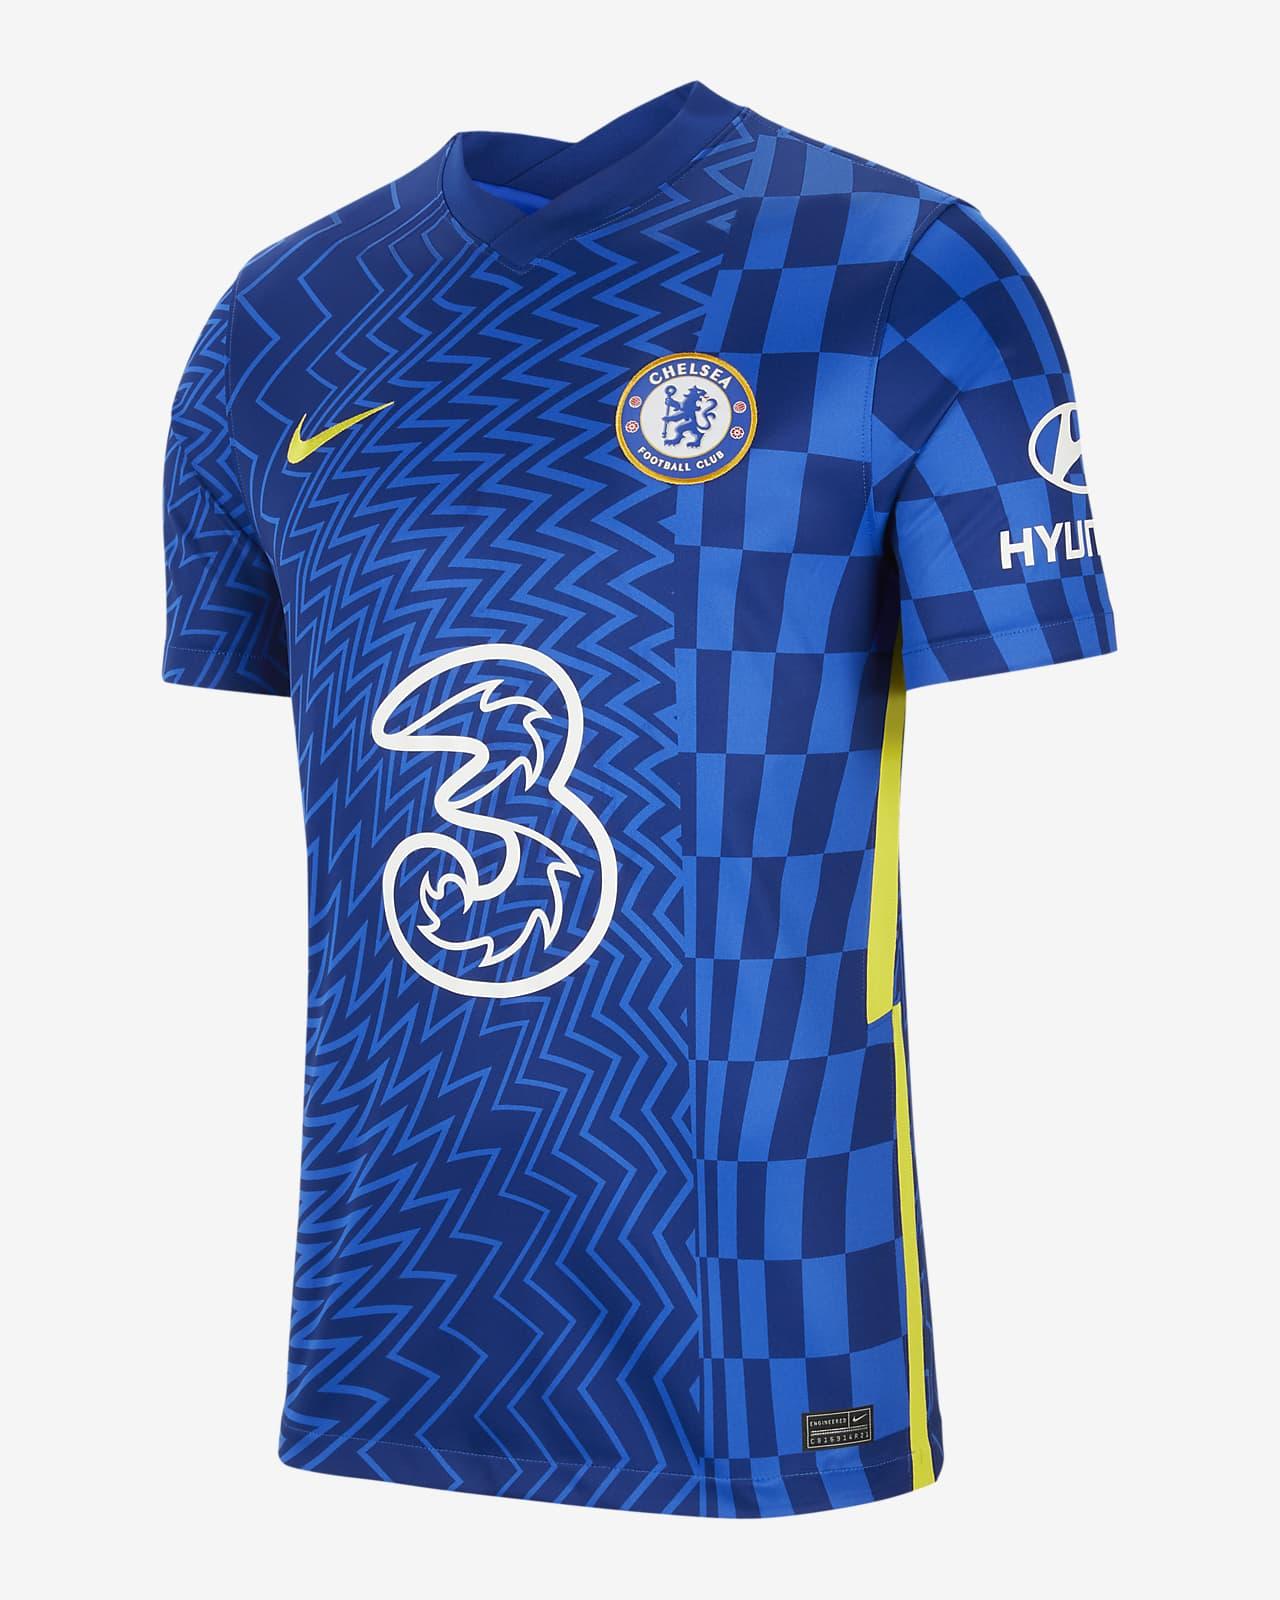 Maglia da calcio Chelsea FC 2021/22 Stadium da uomo - Home